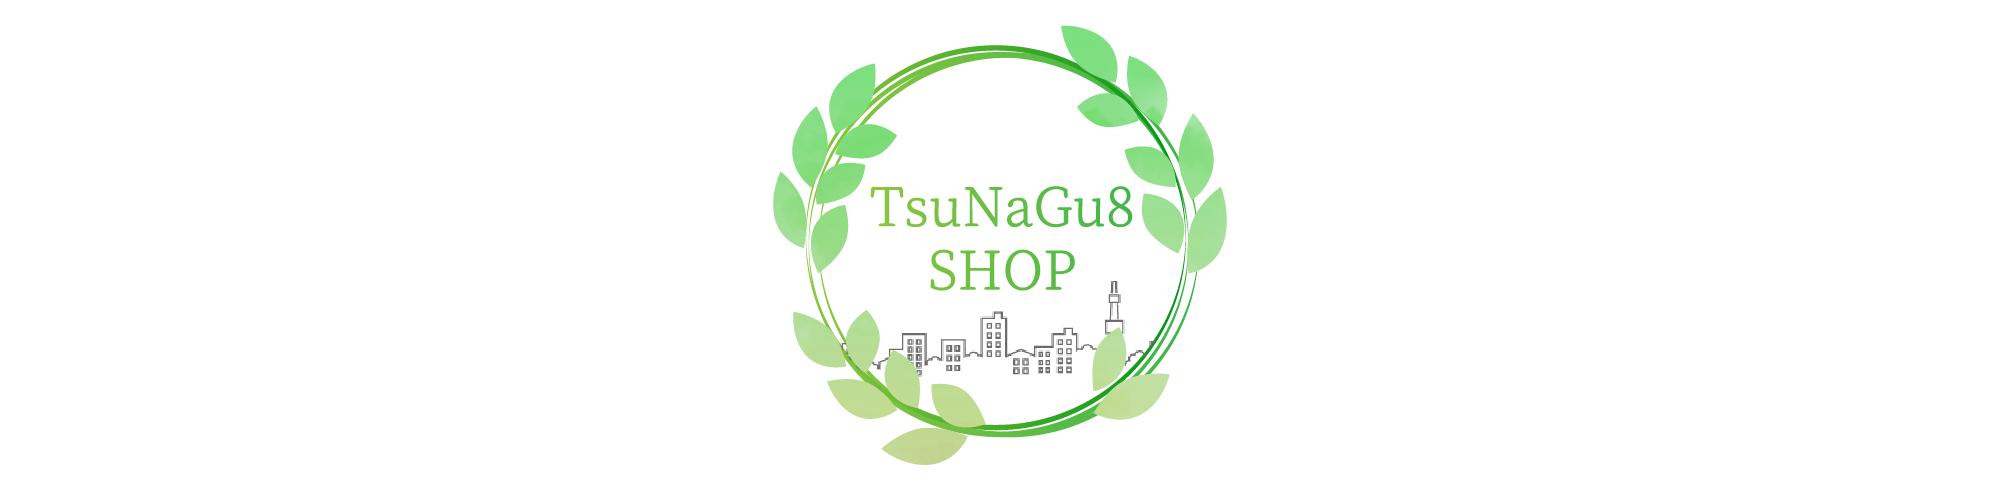 TsuNaGu8 SHOP